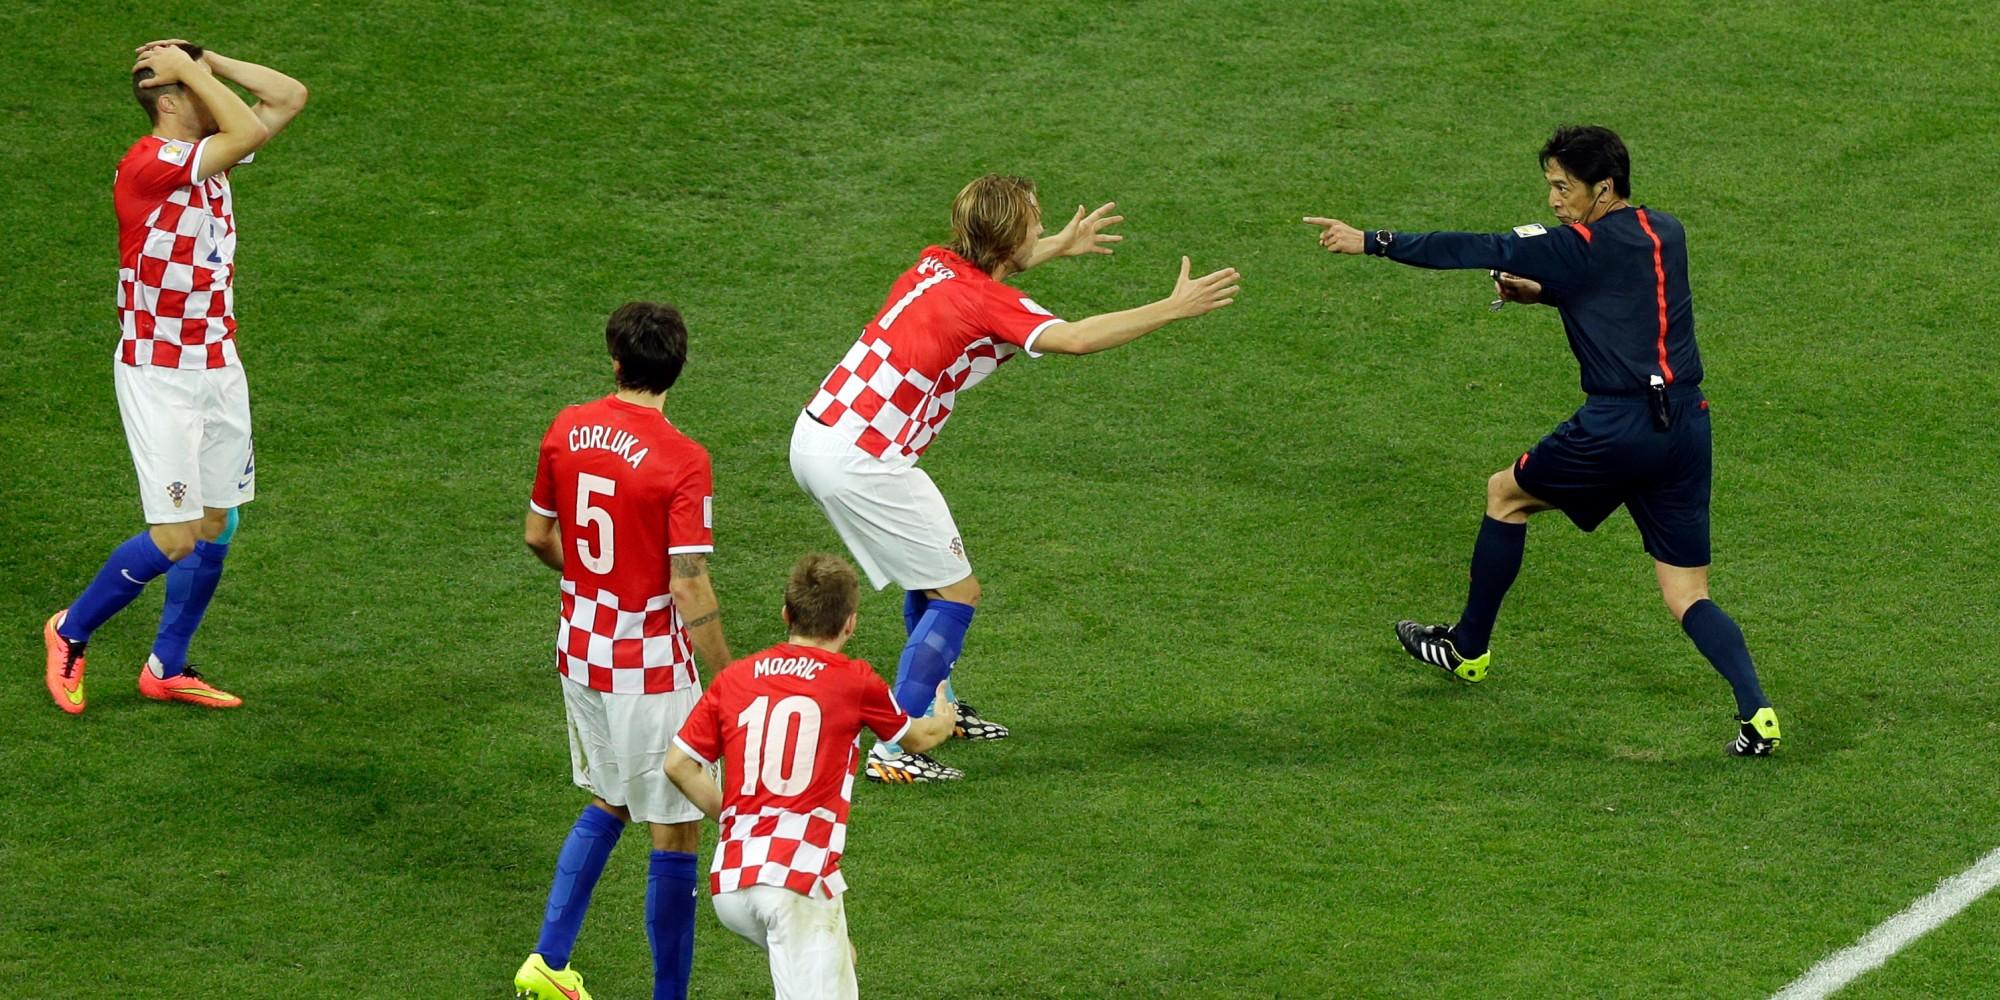 Offiziell: Kroatien mit Freundschaftsspiel gegen Brasilien ...